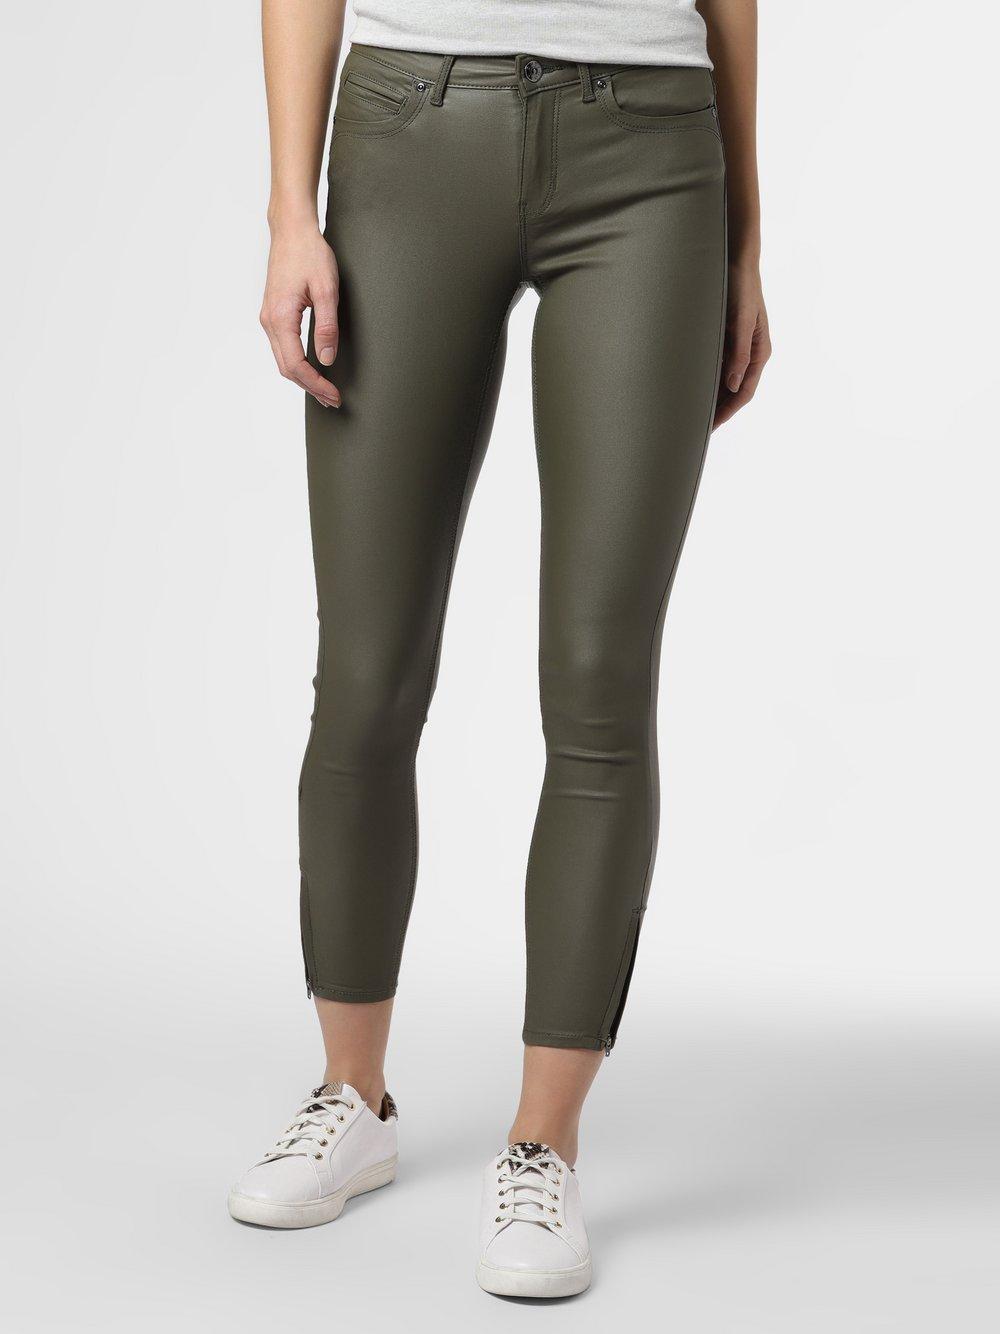 ONLY - Spodnie damskie – ONLKendell, zielony